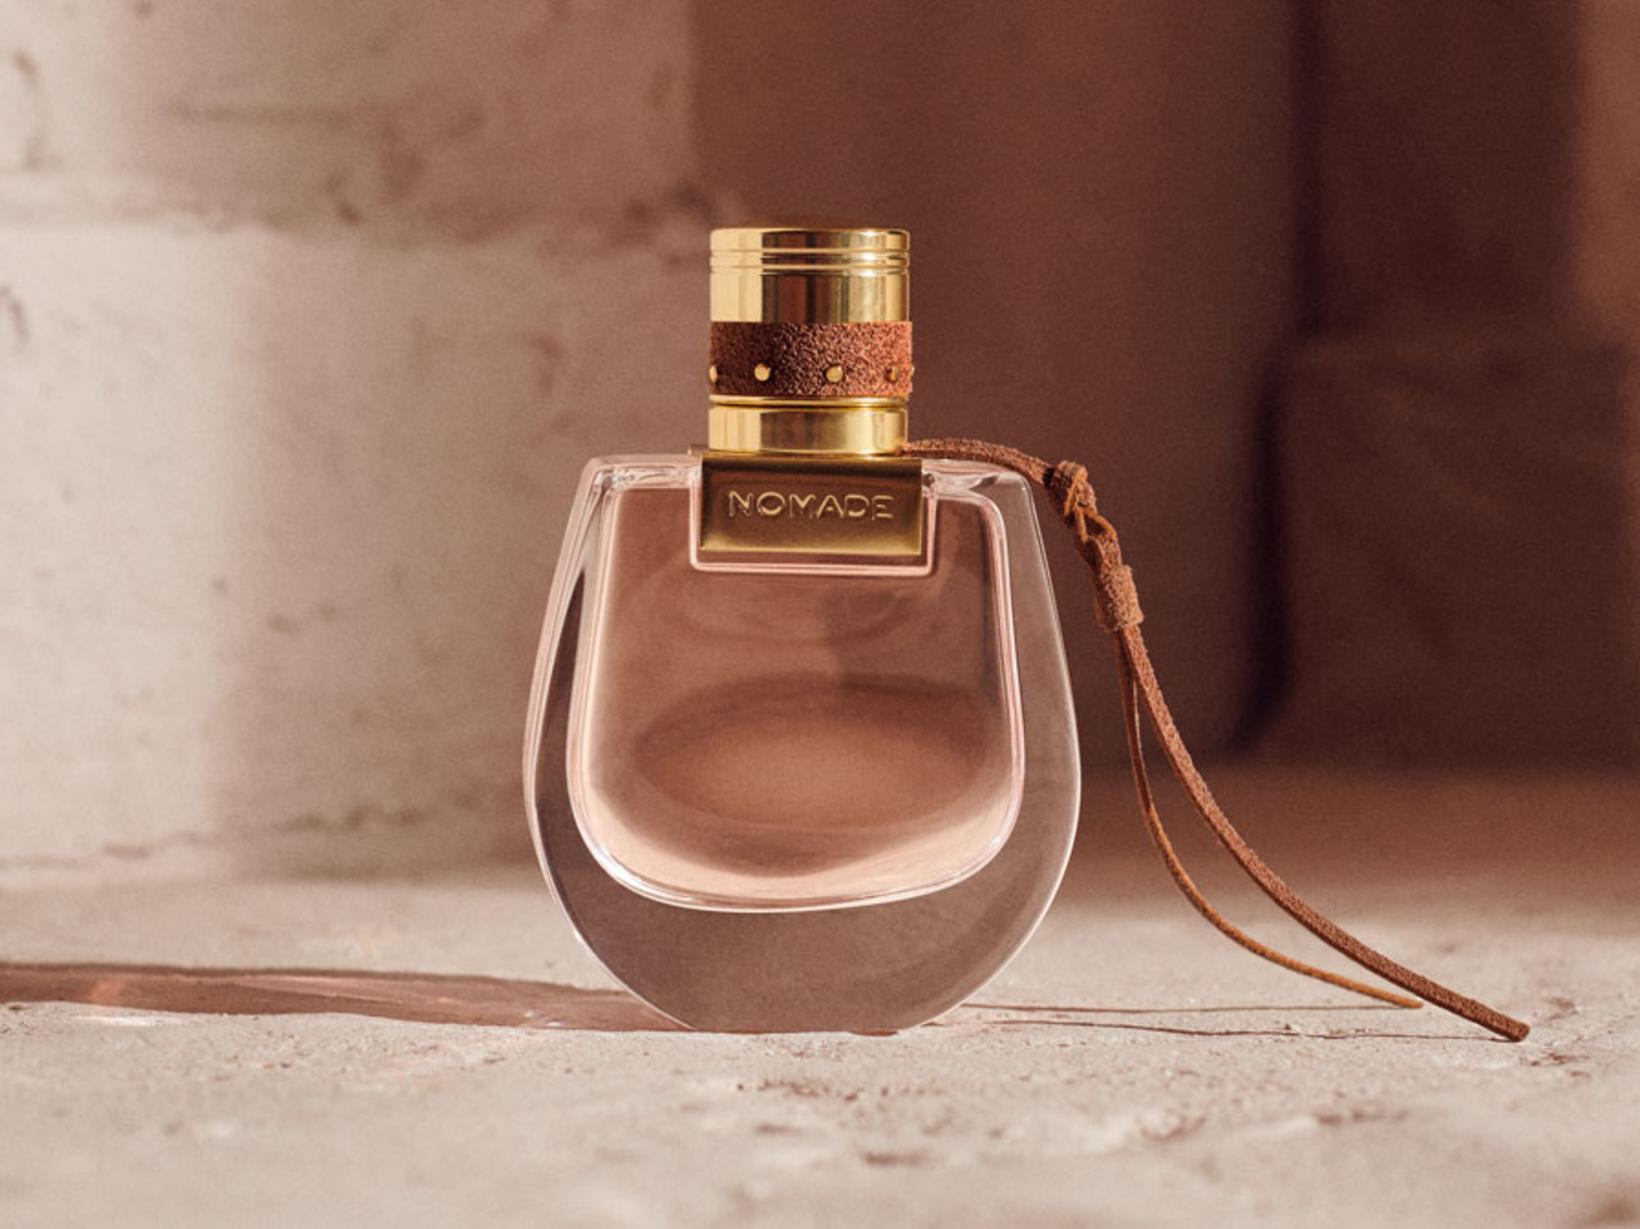 Chloé Nomade Absolu de Parfum, 9.999 kr. (30 ml.)